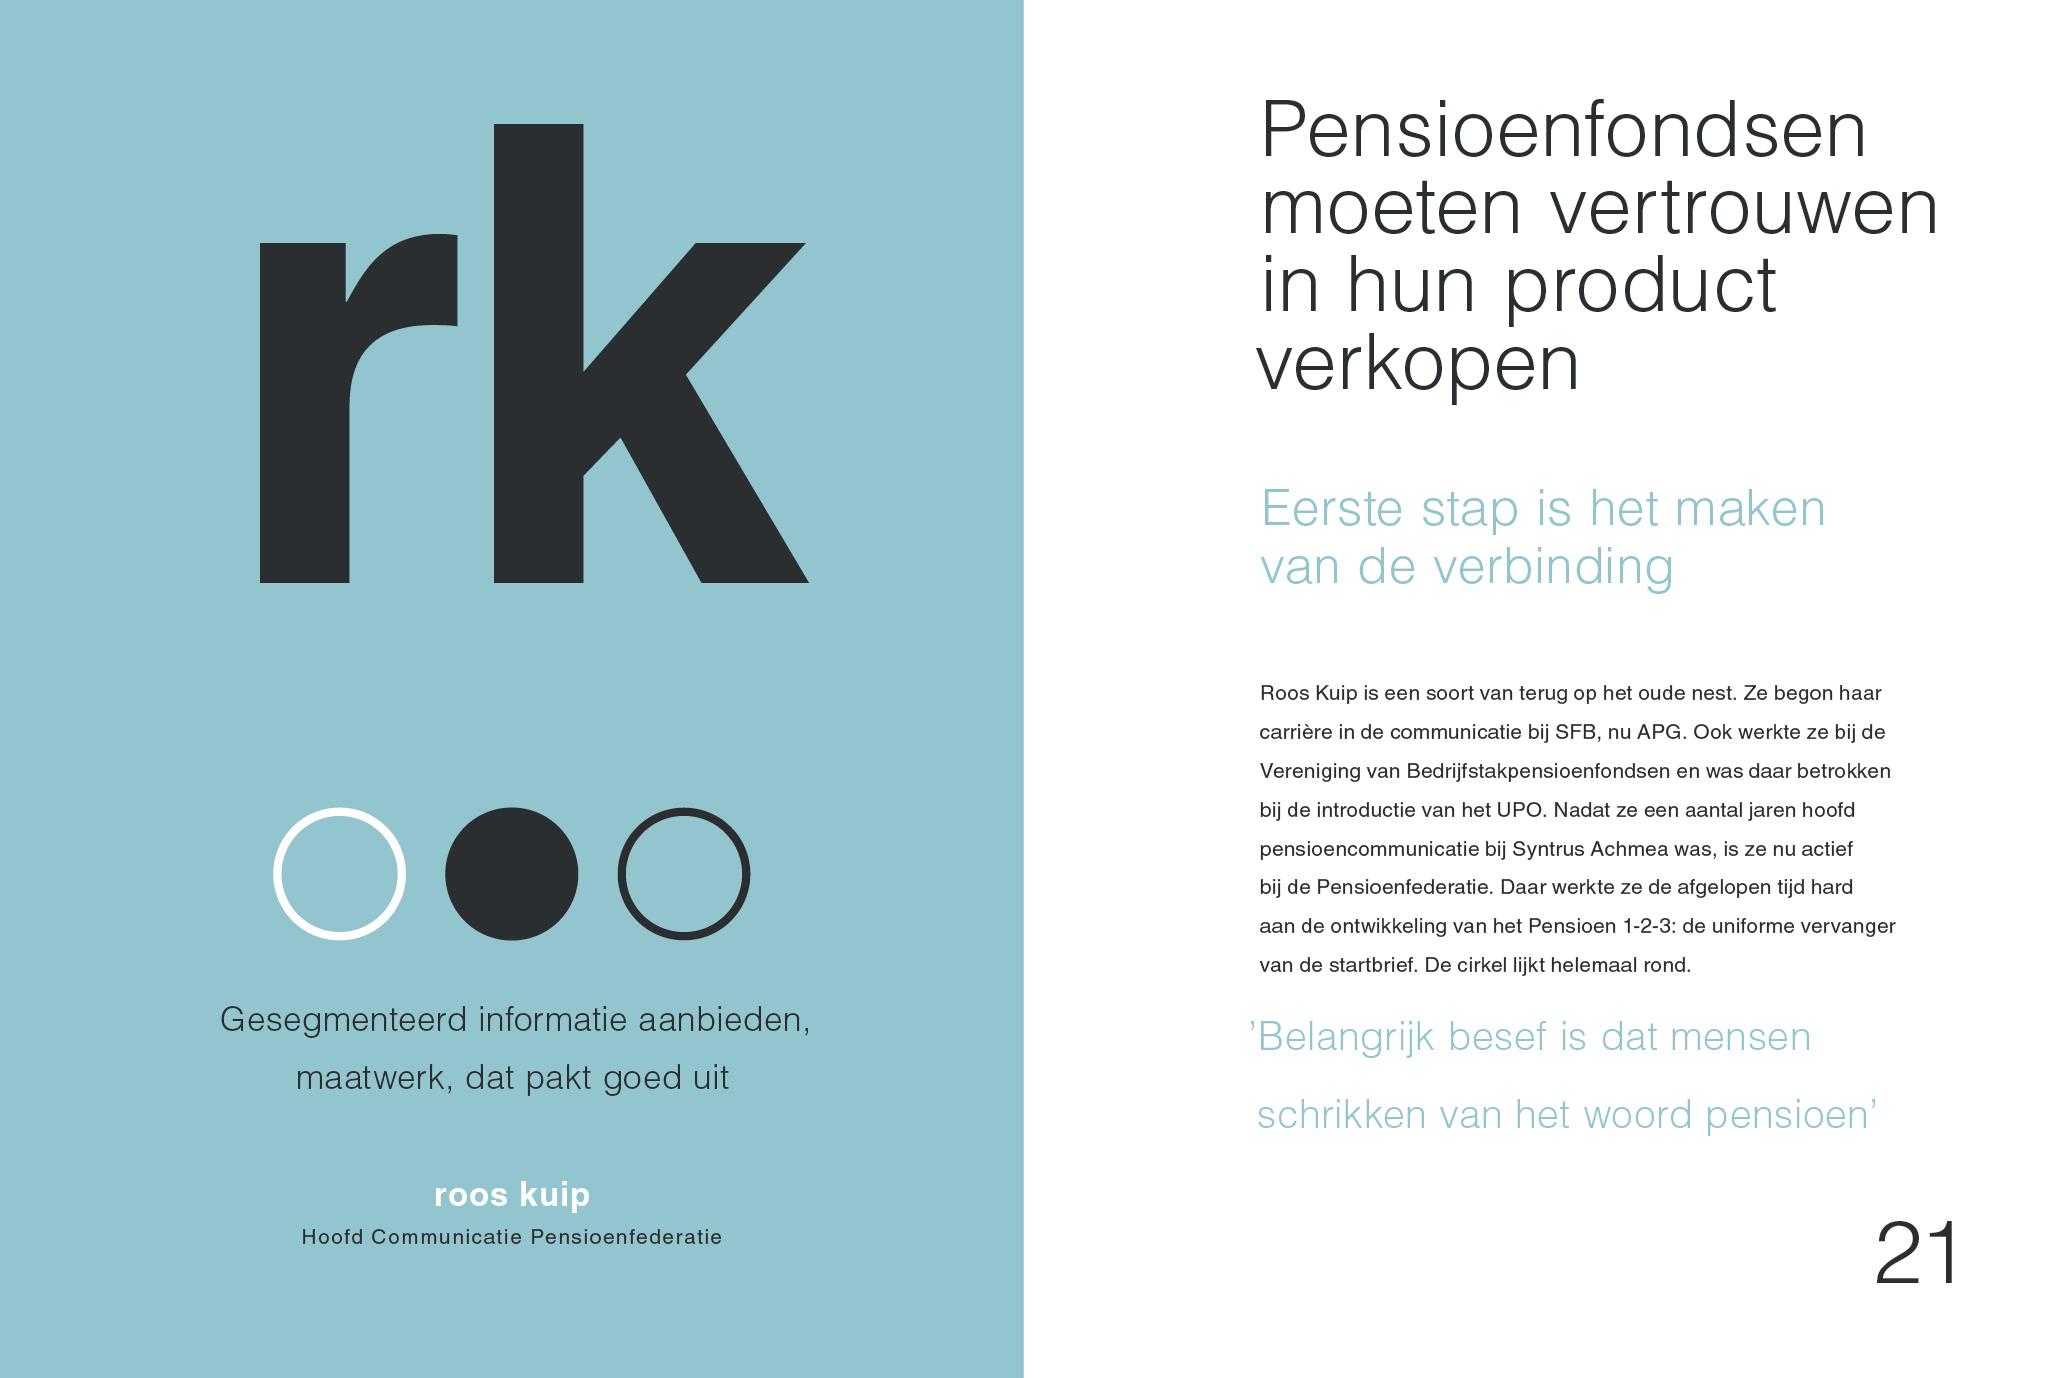 Boek_Pensioencommunicatie_20-21